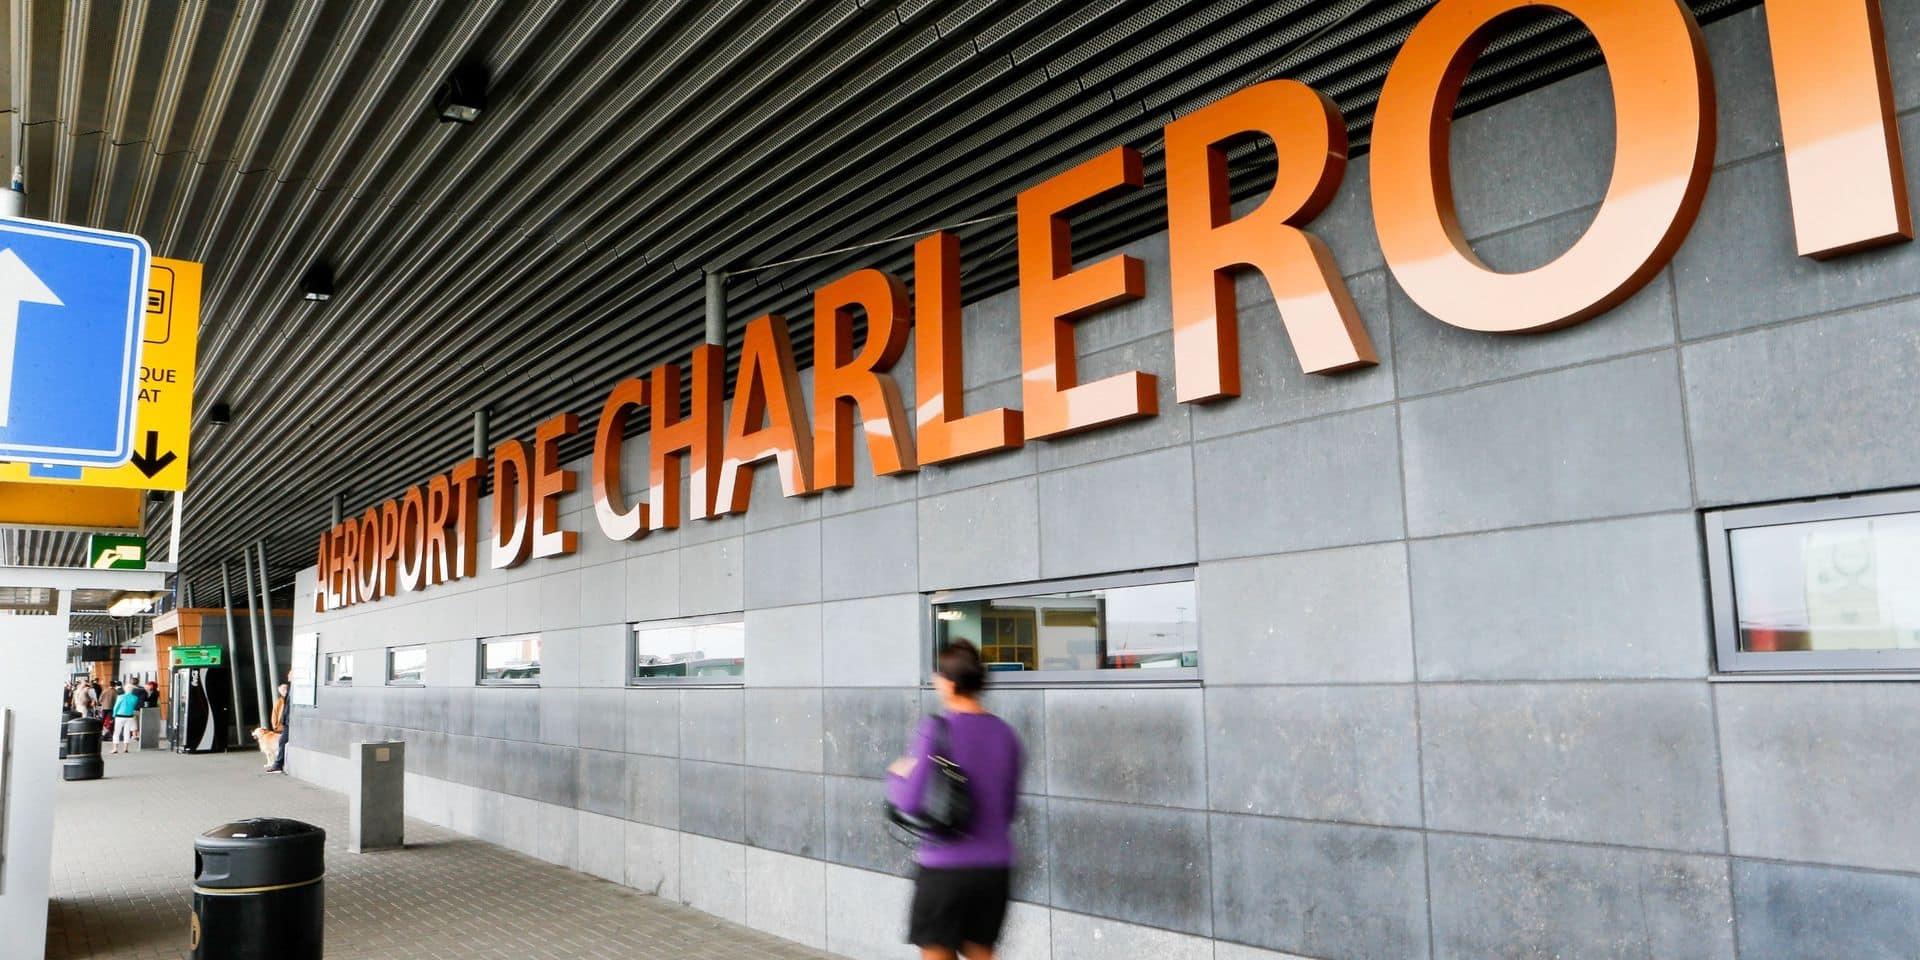 L'aéroport de Charleroi annonce sa réouverture